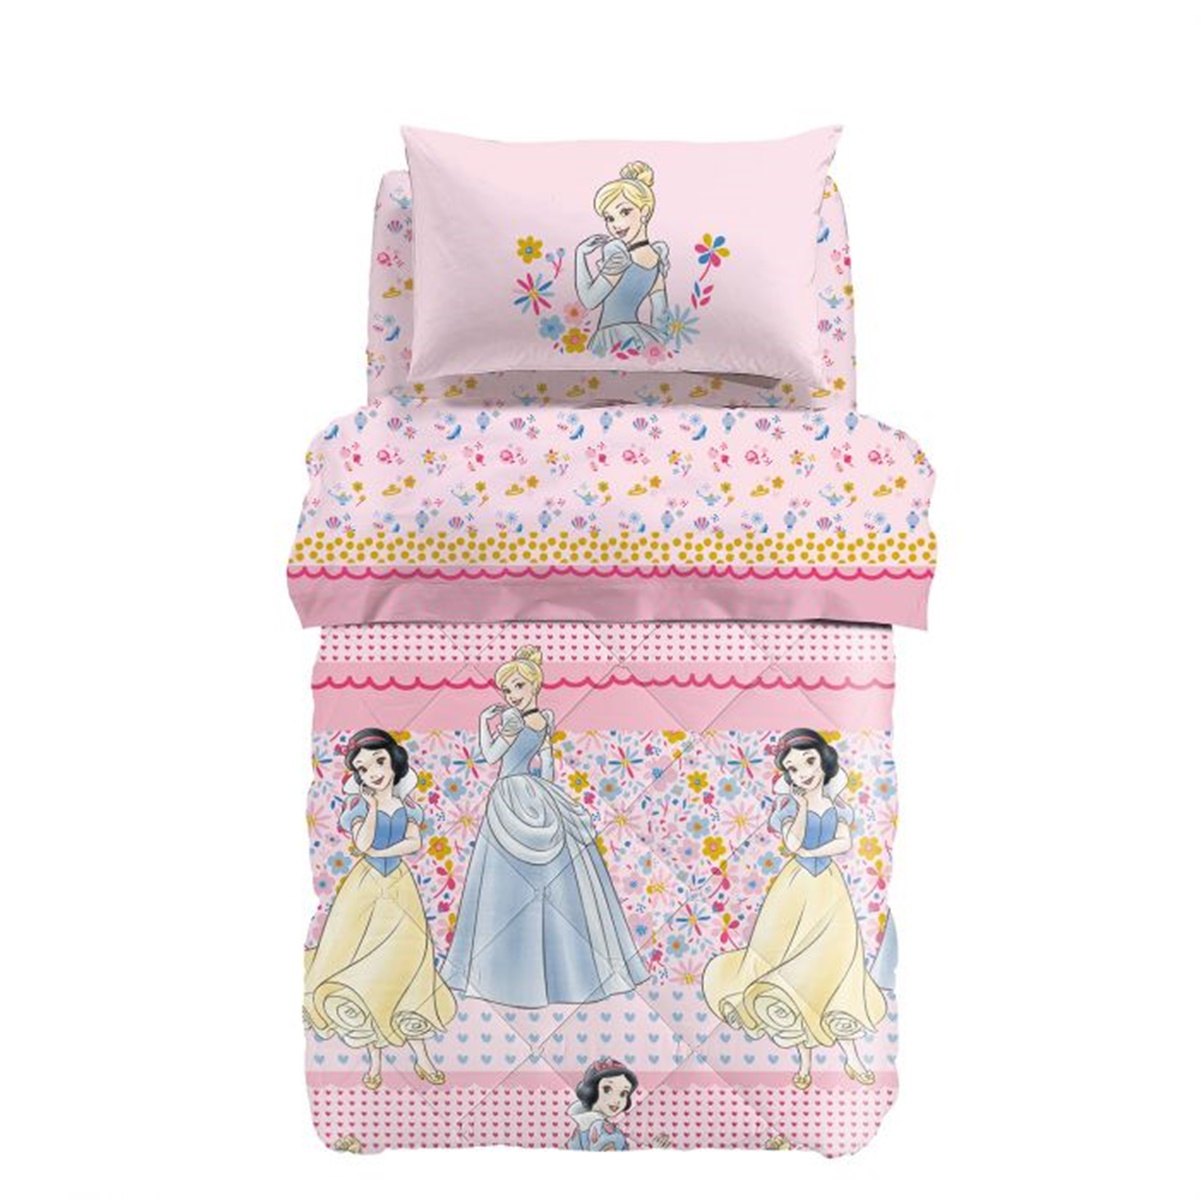 Trapunta Disney Princess Romance In Cotone Caleffi Cose Di Casa Un Mondo Di Accessori Per La Casa